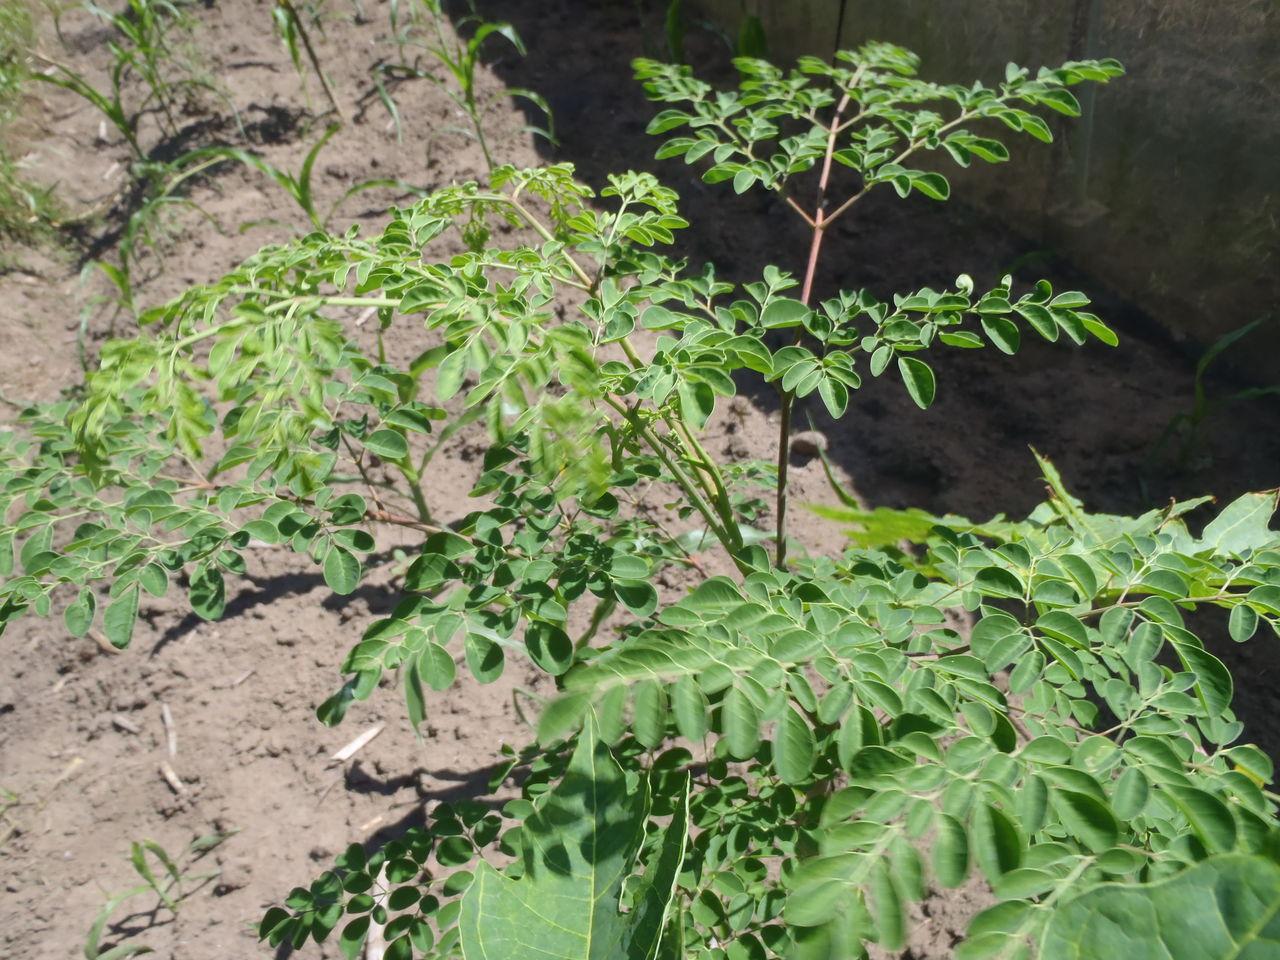 ドゥマゲッティーのどこにでも生っている植物カラモンガイ 人類の健康と地球環境を守る生命の木